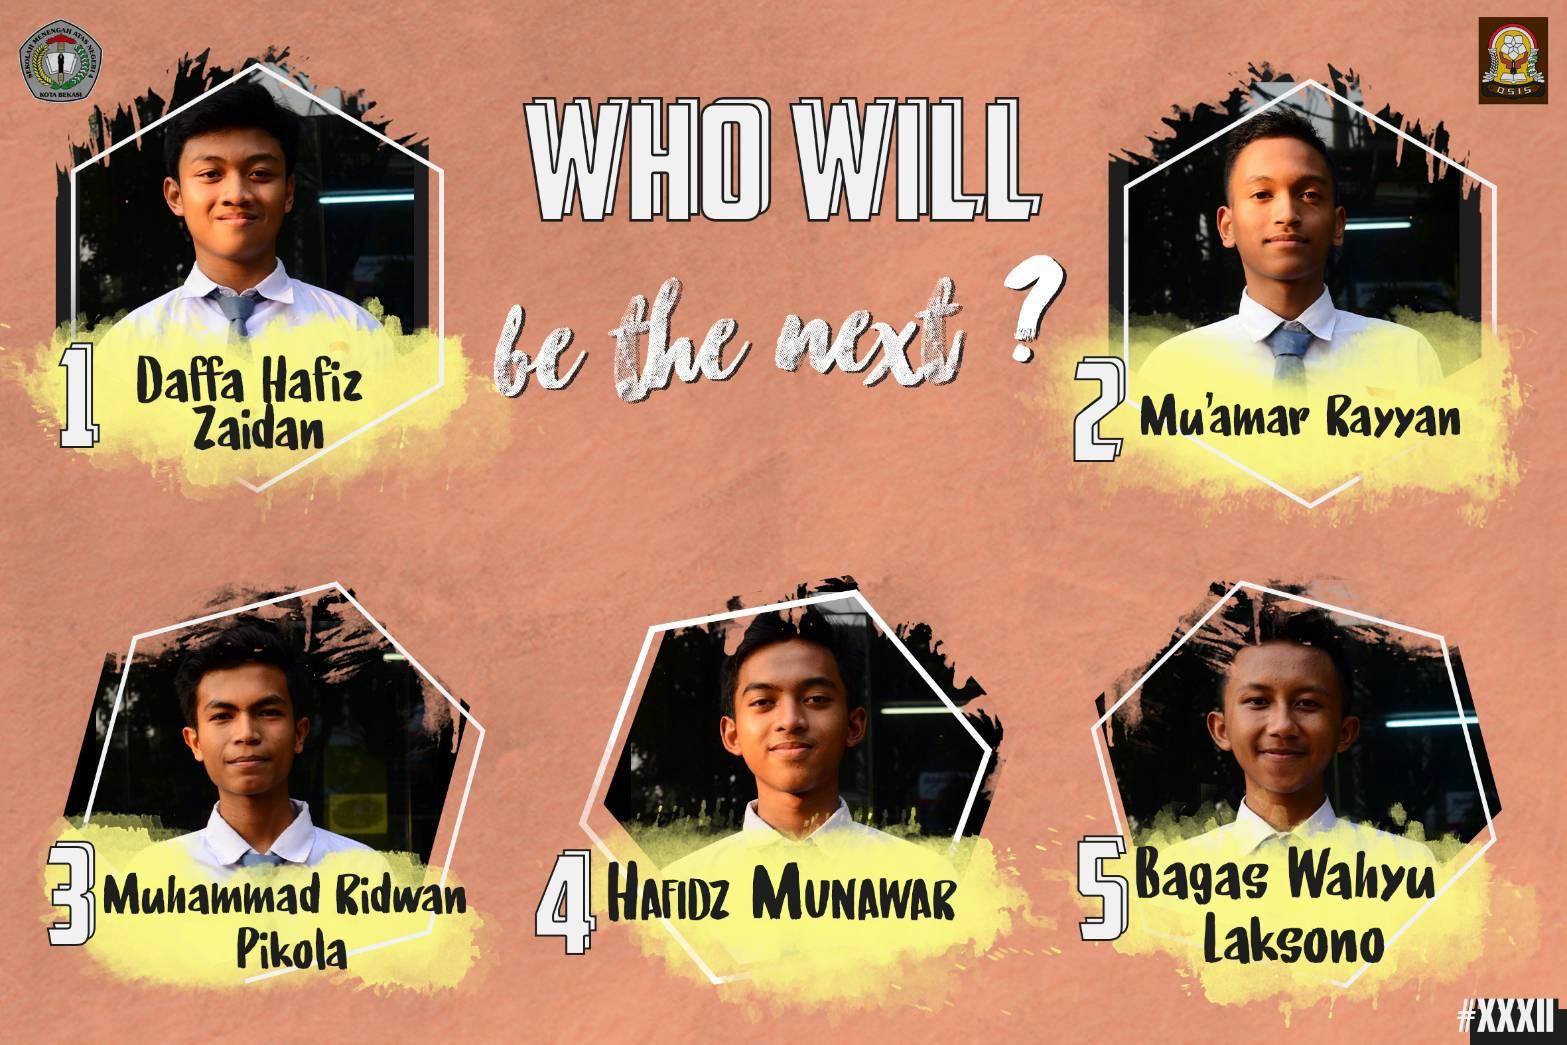 Halo Embassy!! Pesta demokrasi SMAN 4 Kota Bekasi sebentar lagi dimulai